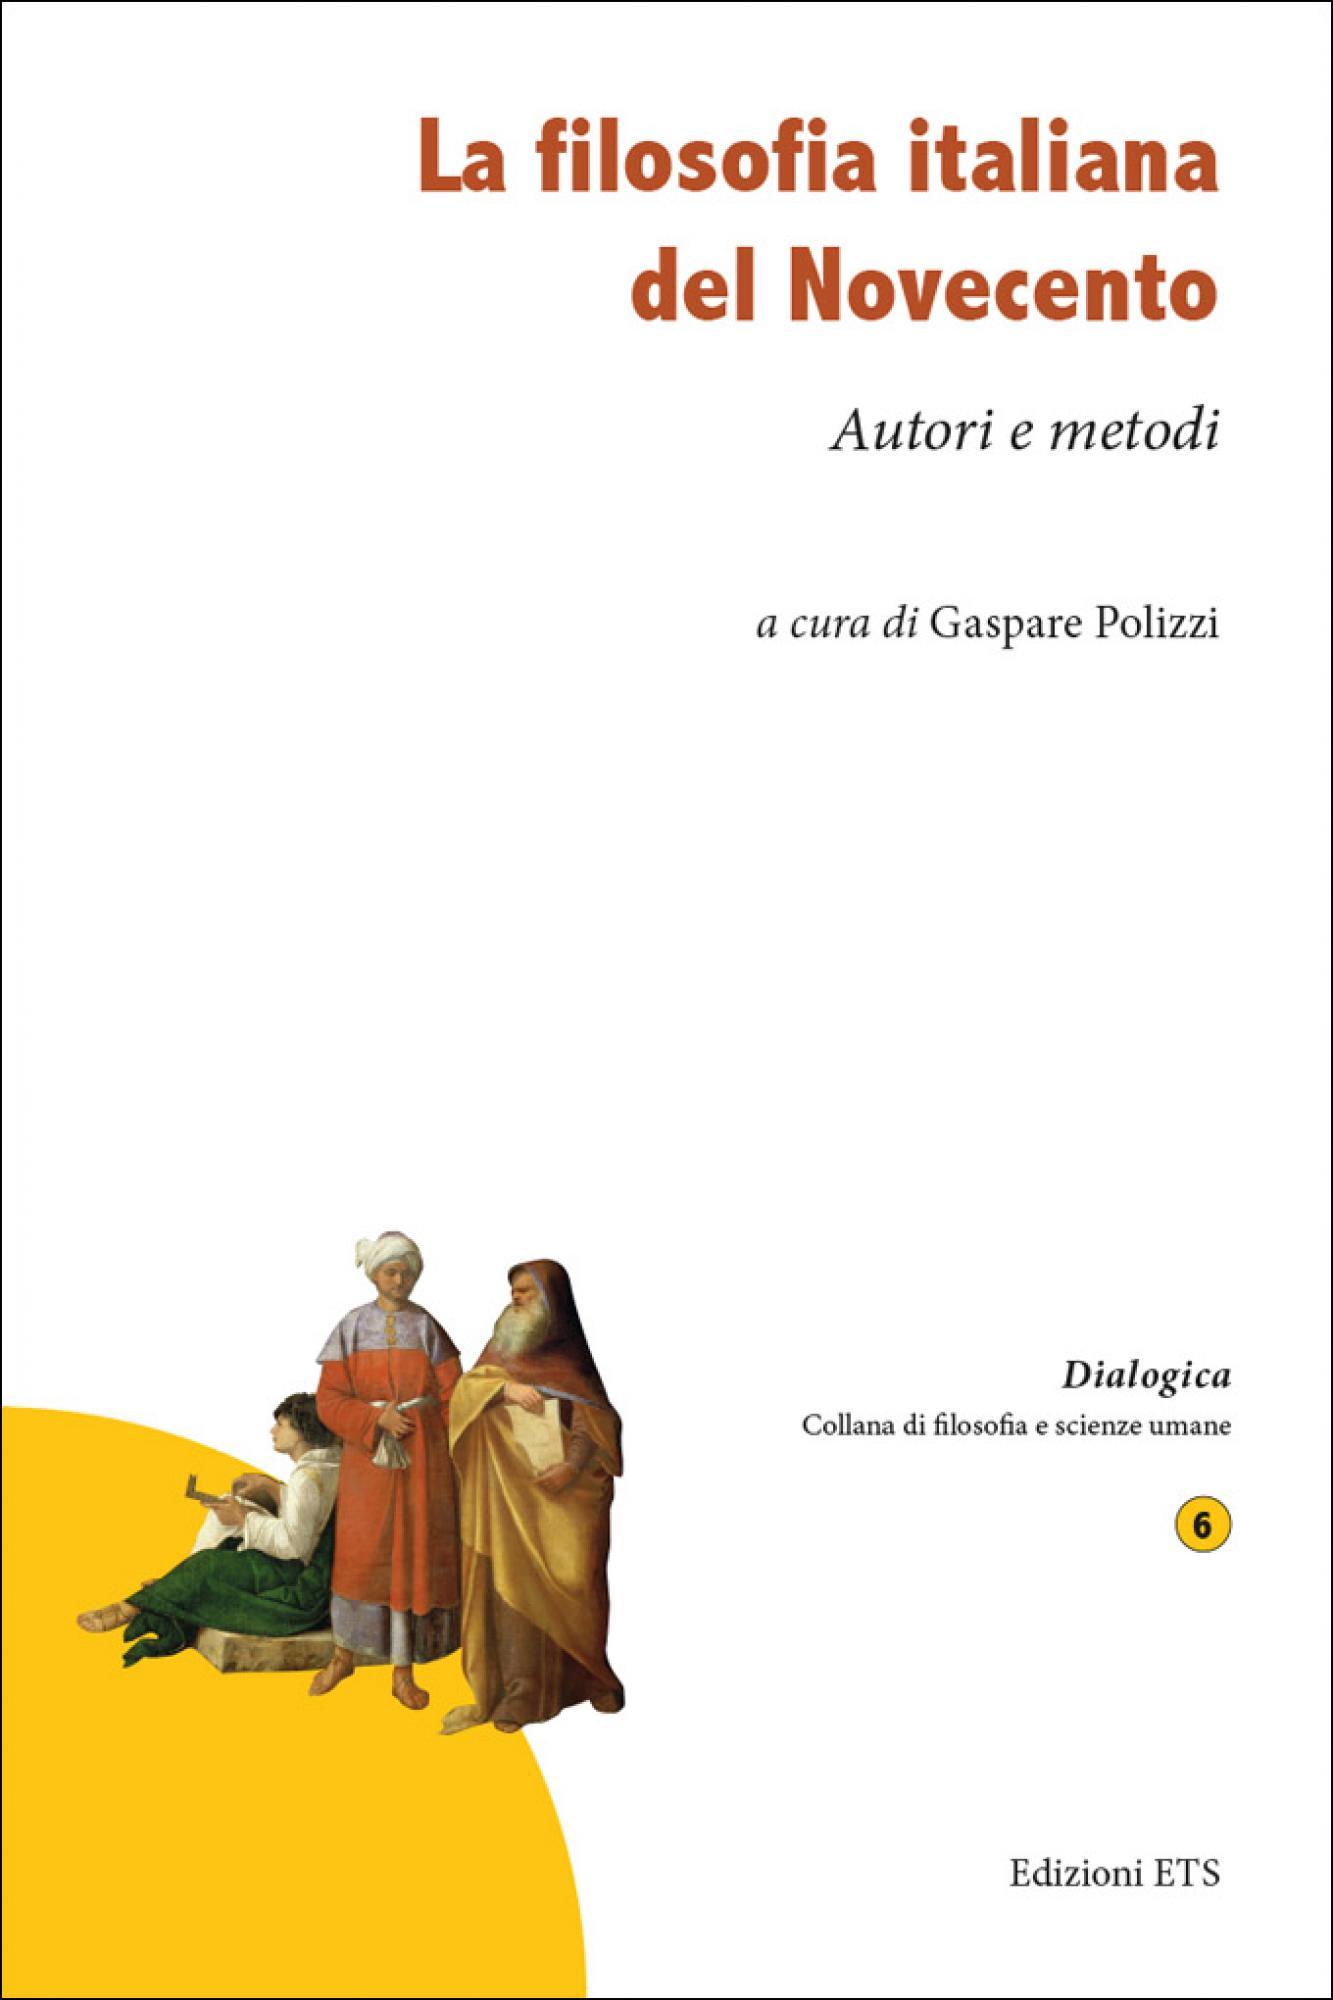 La filosofia italiana del Novecento.Autori e metodi